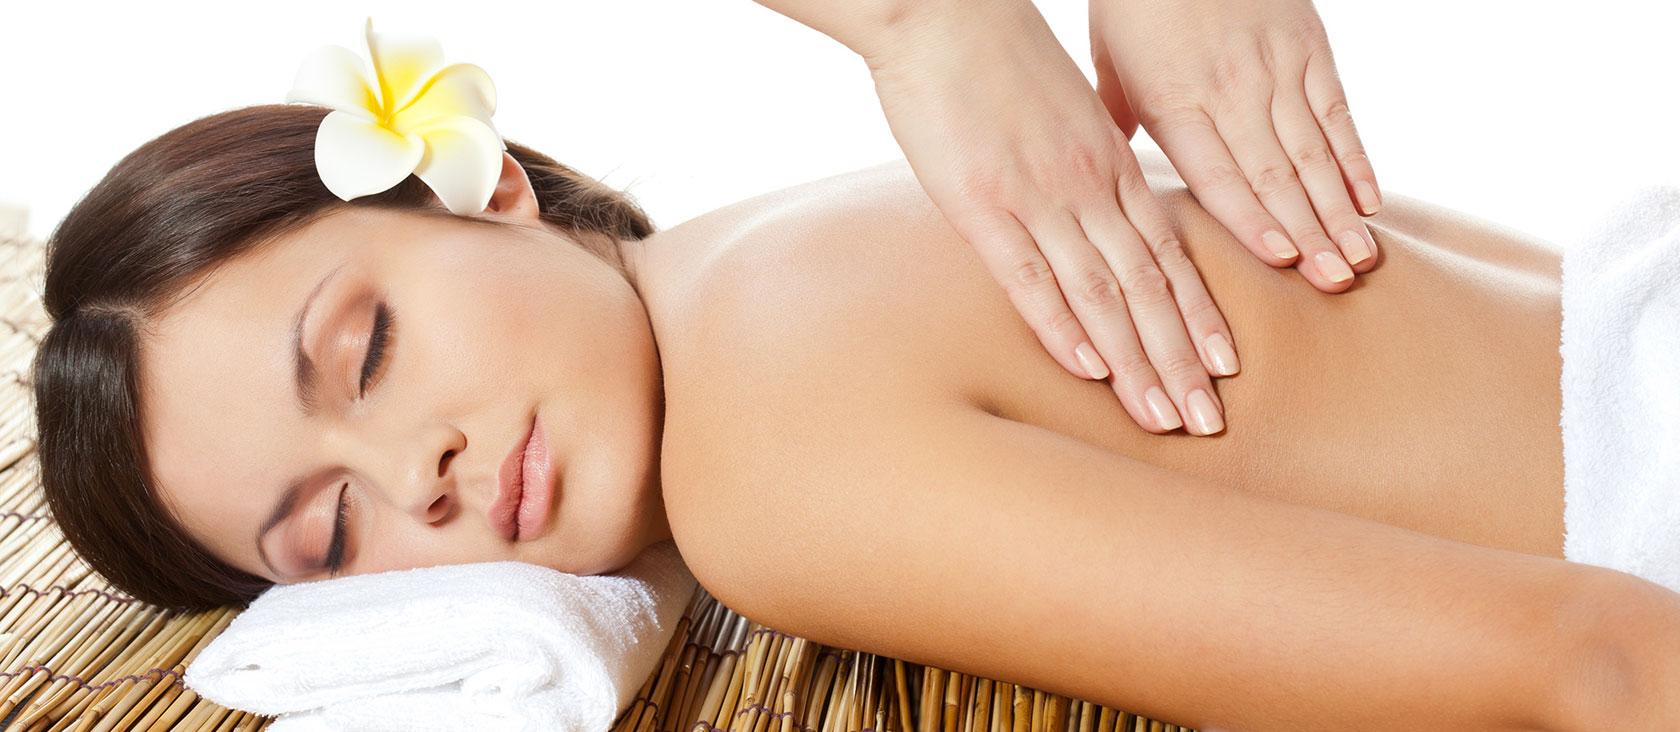 Massage in Jupiter Massage near Jupiter Massage Jupiter fl